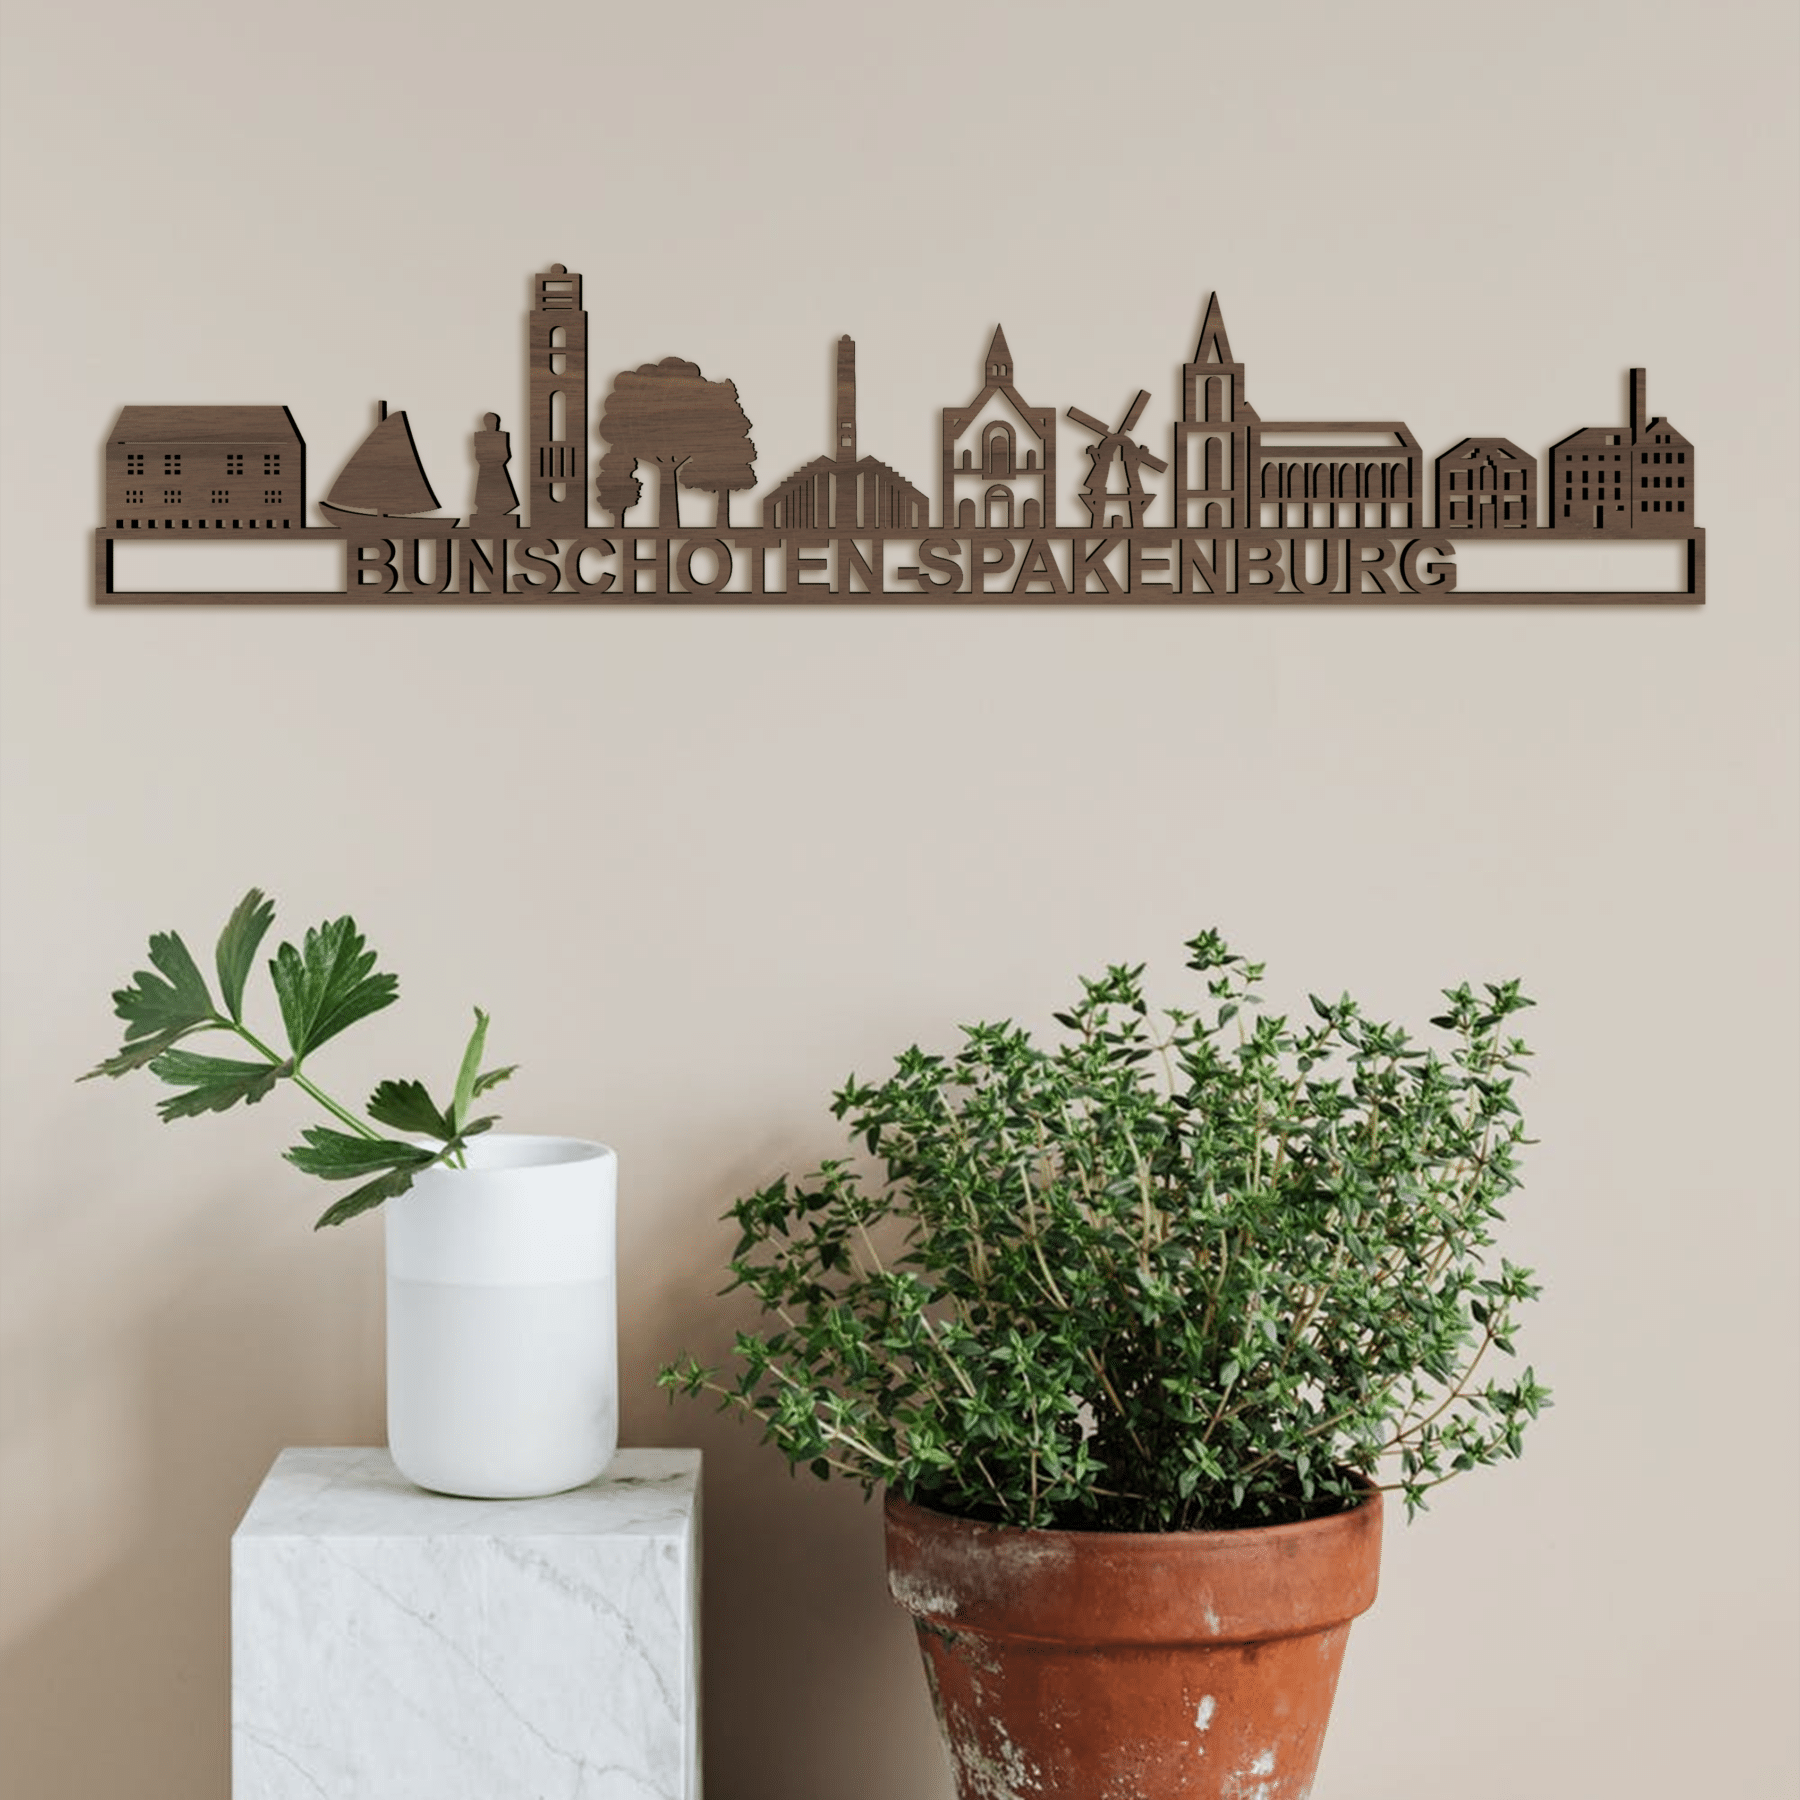 Skyline Bunschoten-Spakenburg